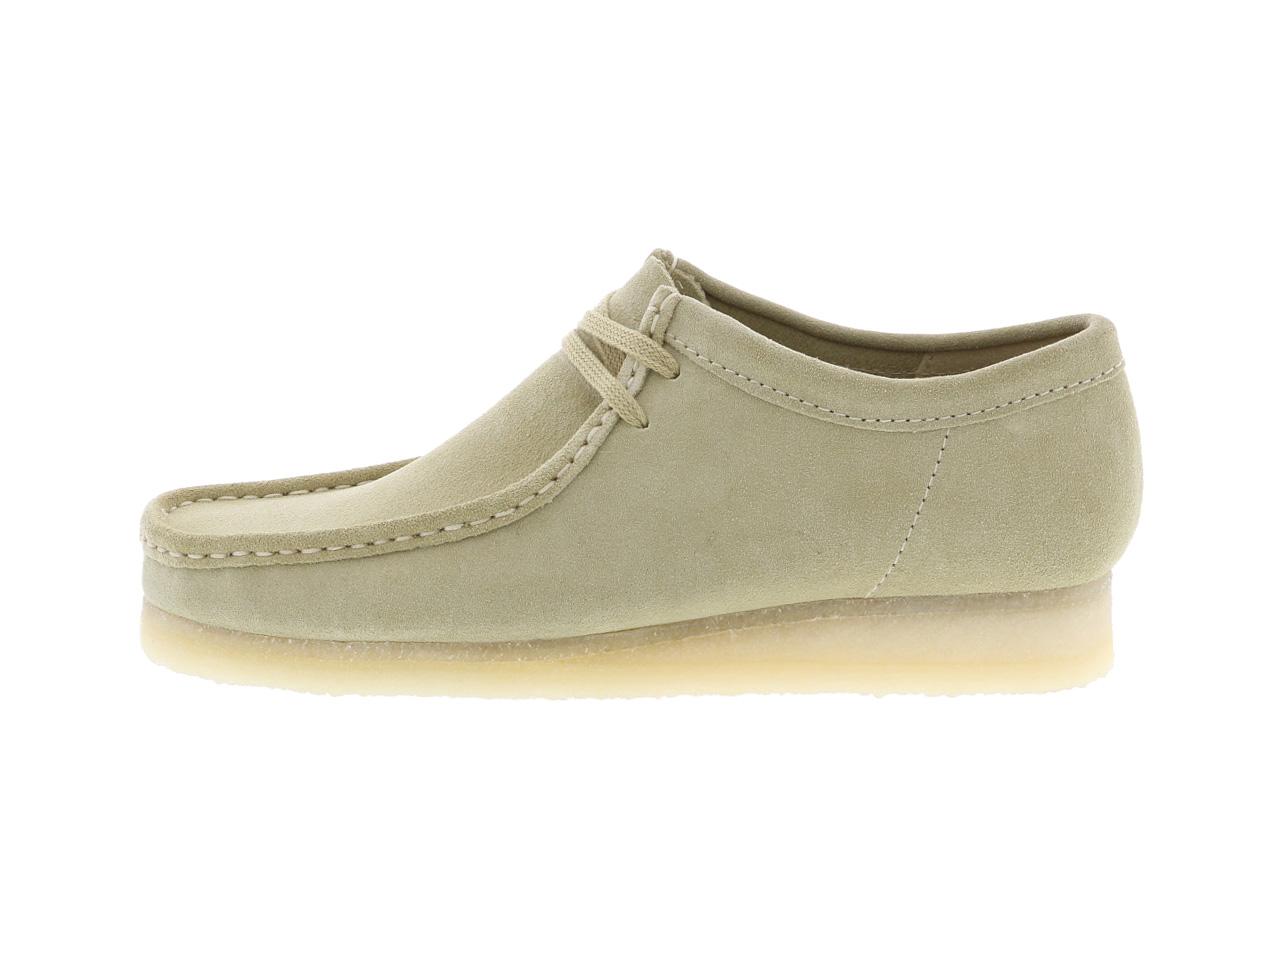 【25%OFF!】Clarks ORIGINALS Wallabee(26133278)【クラークス オリジナルズ ワラビー】【メンズファッション】【シューズ】【ブーツ】【靴】【フットウェア】